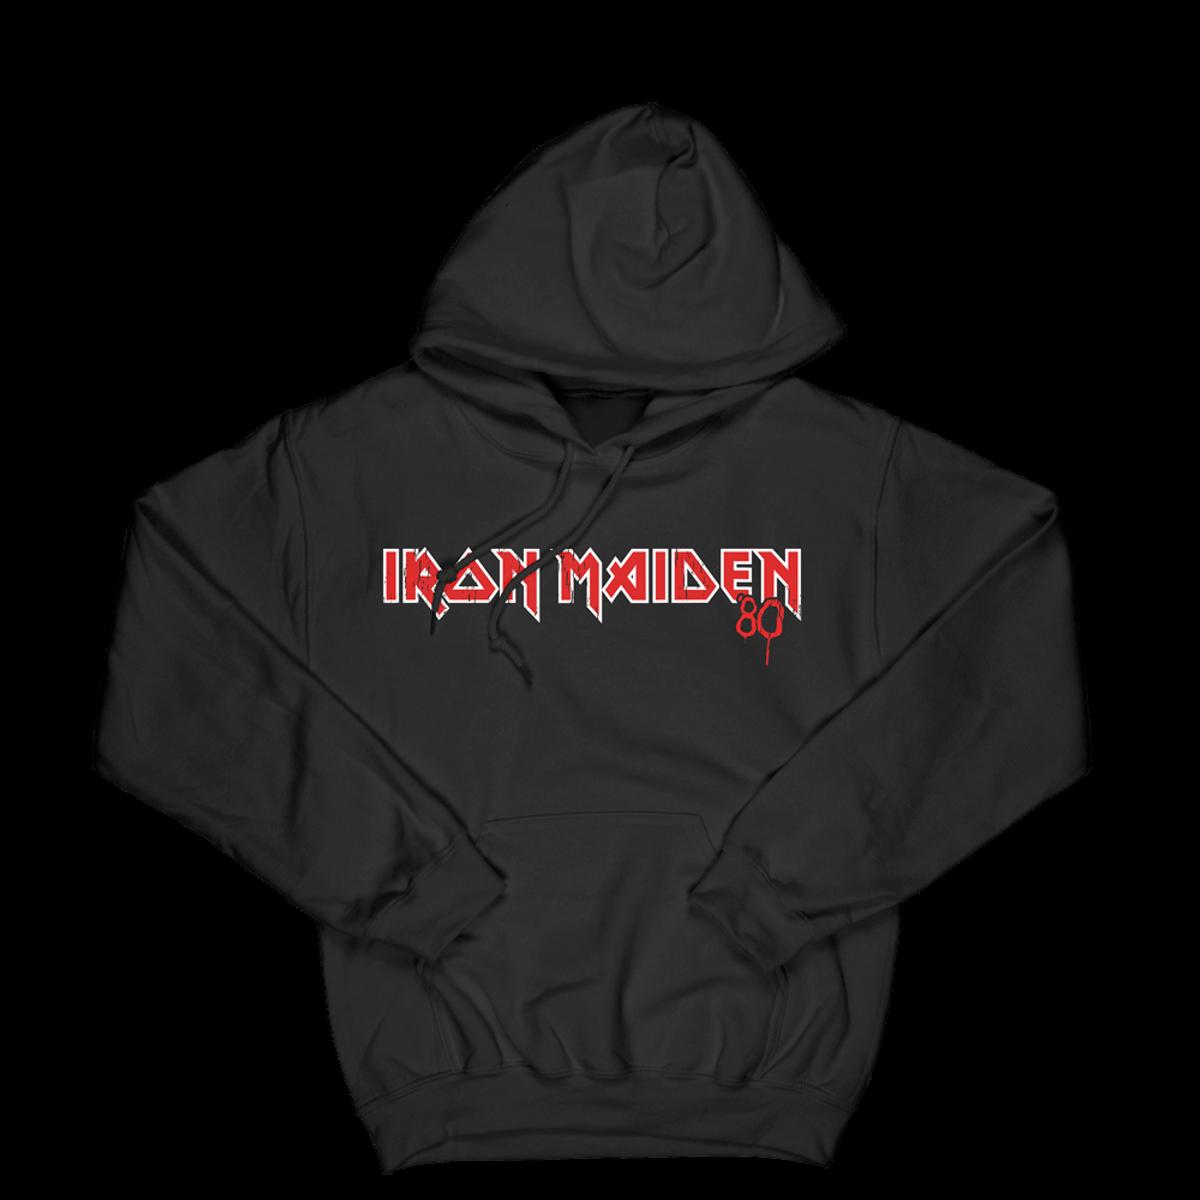 Iron Maiden 40th Anniversary Album Hoodie Sweatshirt - Black